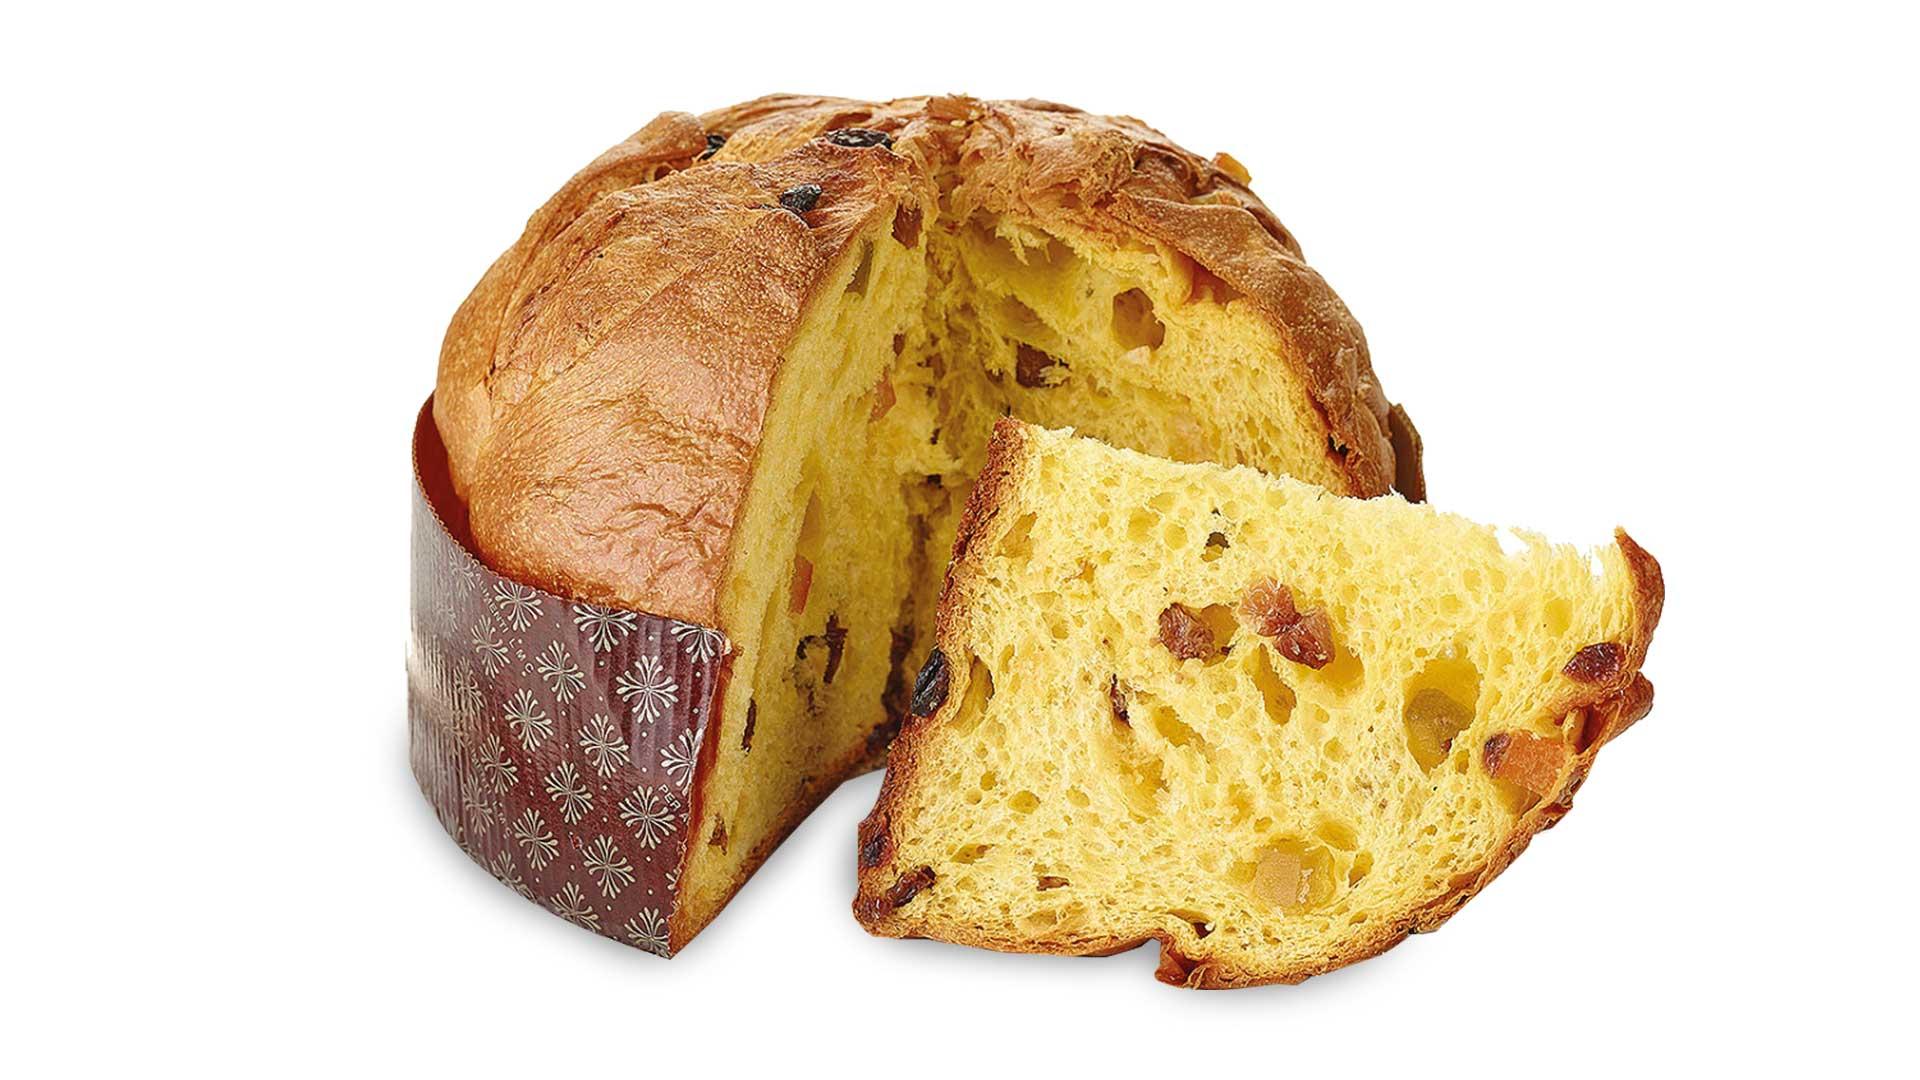 foodjoy-sweet-bakery-laboratorio-pasticceria-cantu-brioches-pasticcini-torte-caffe-degustazione-panettoni-002